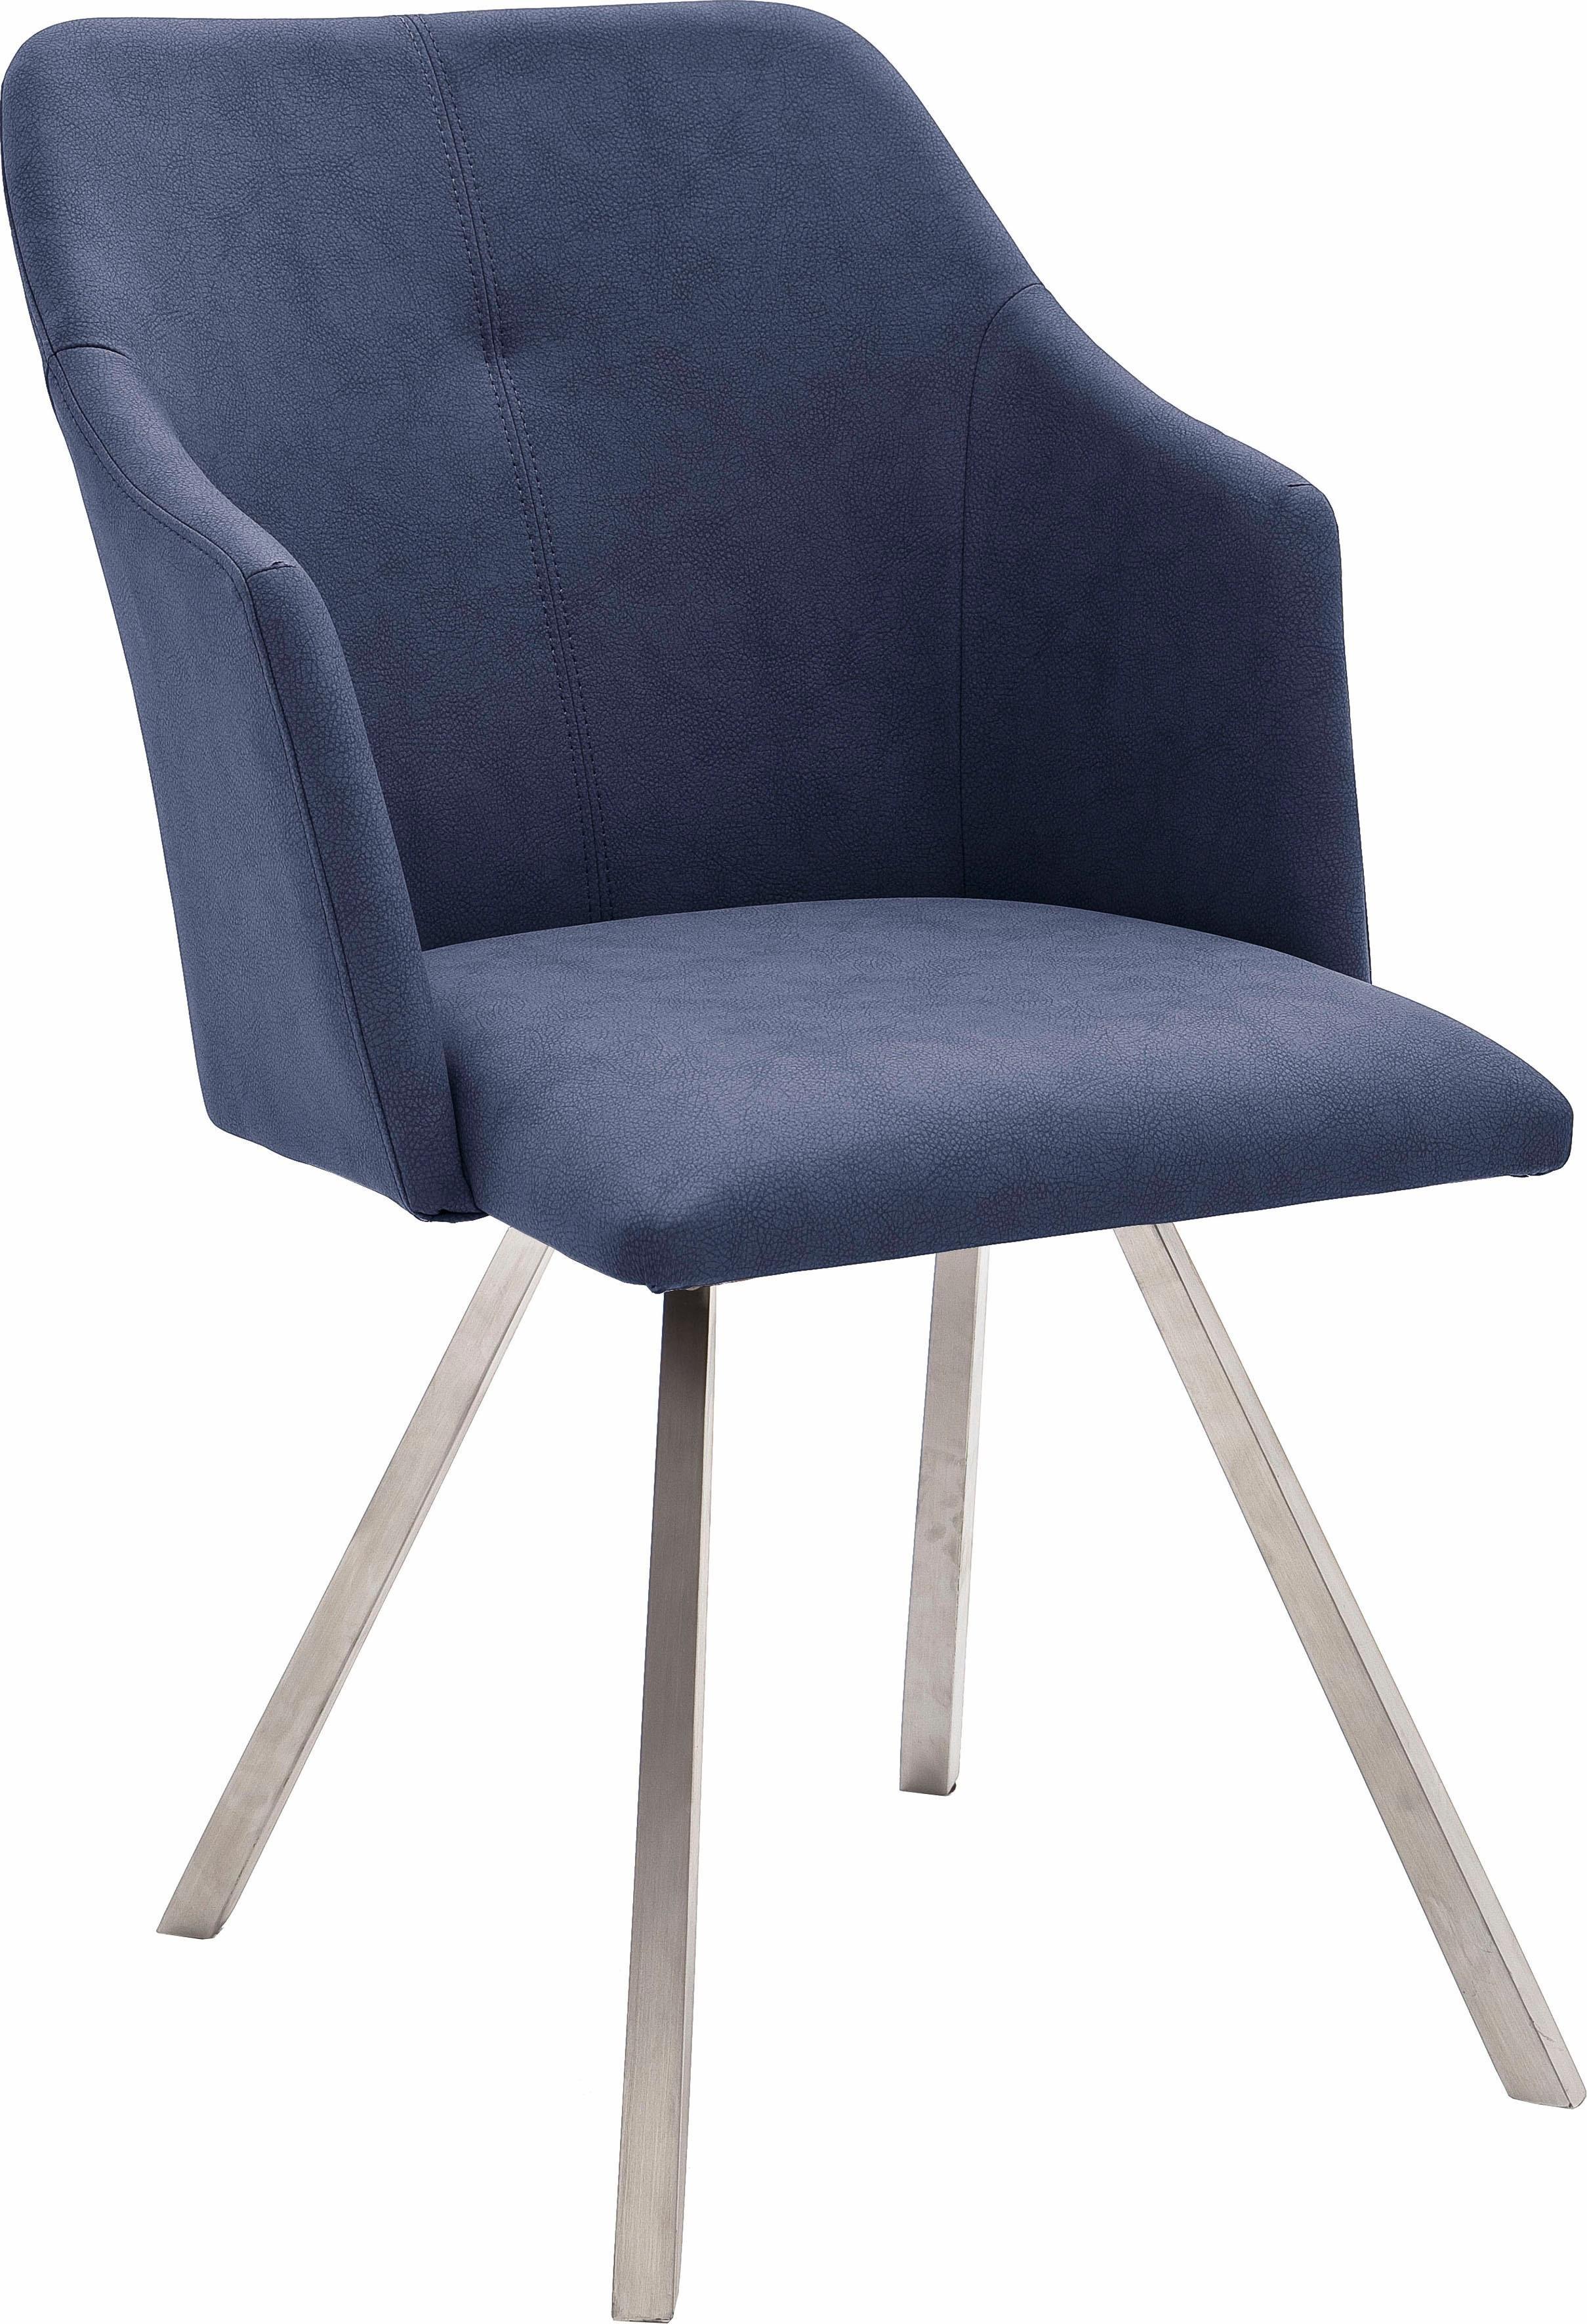 MCA furniture eetkamerstoel Madita 4 voet stoel B-hoekig Stoel belastbaar tot max. 140 kg (set, 2 stuks) voordelig en veilig online kopen